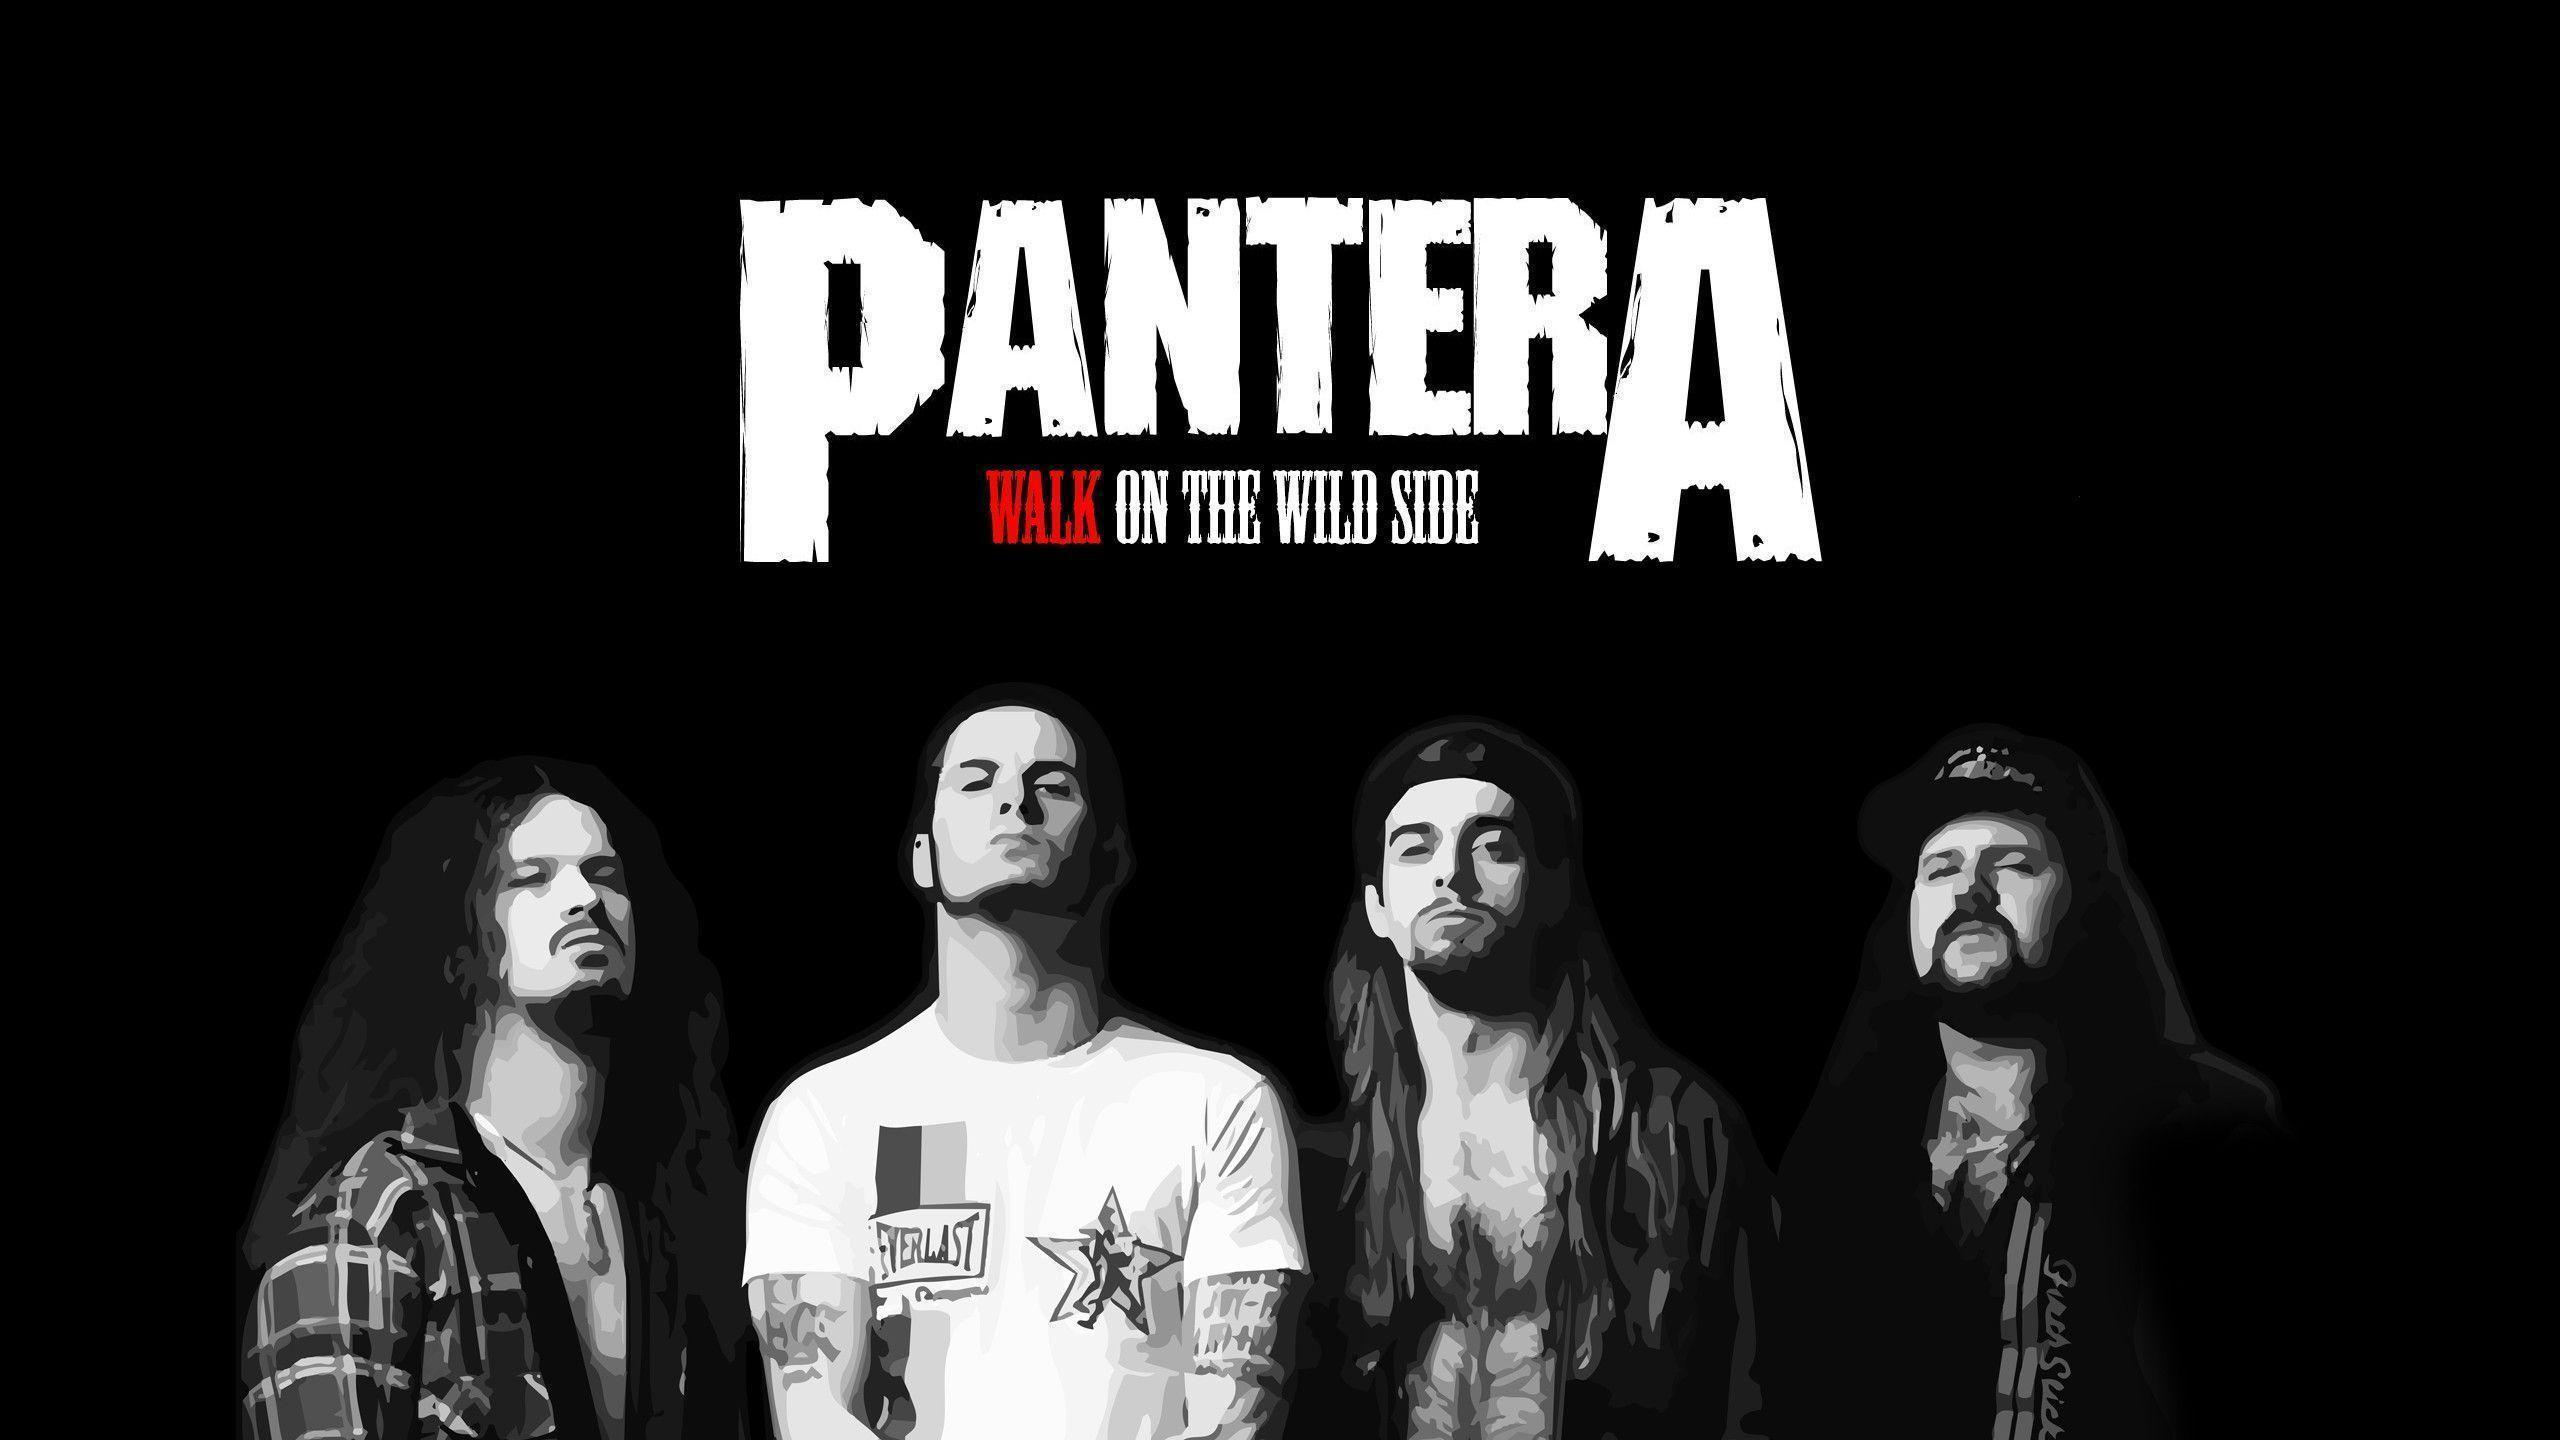 Pantera Wallpapers Top Free Pantera Backgrounds